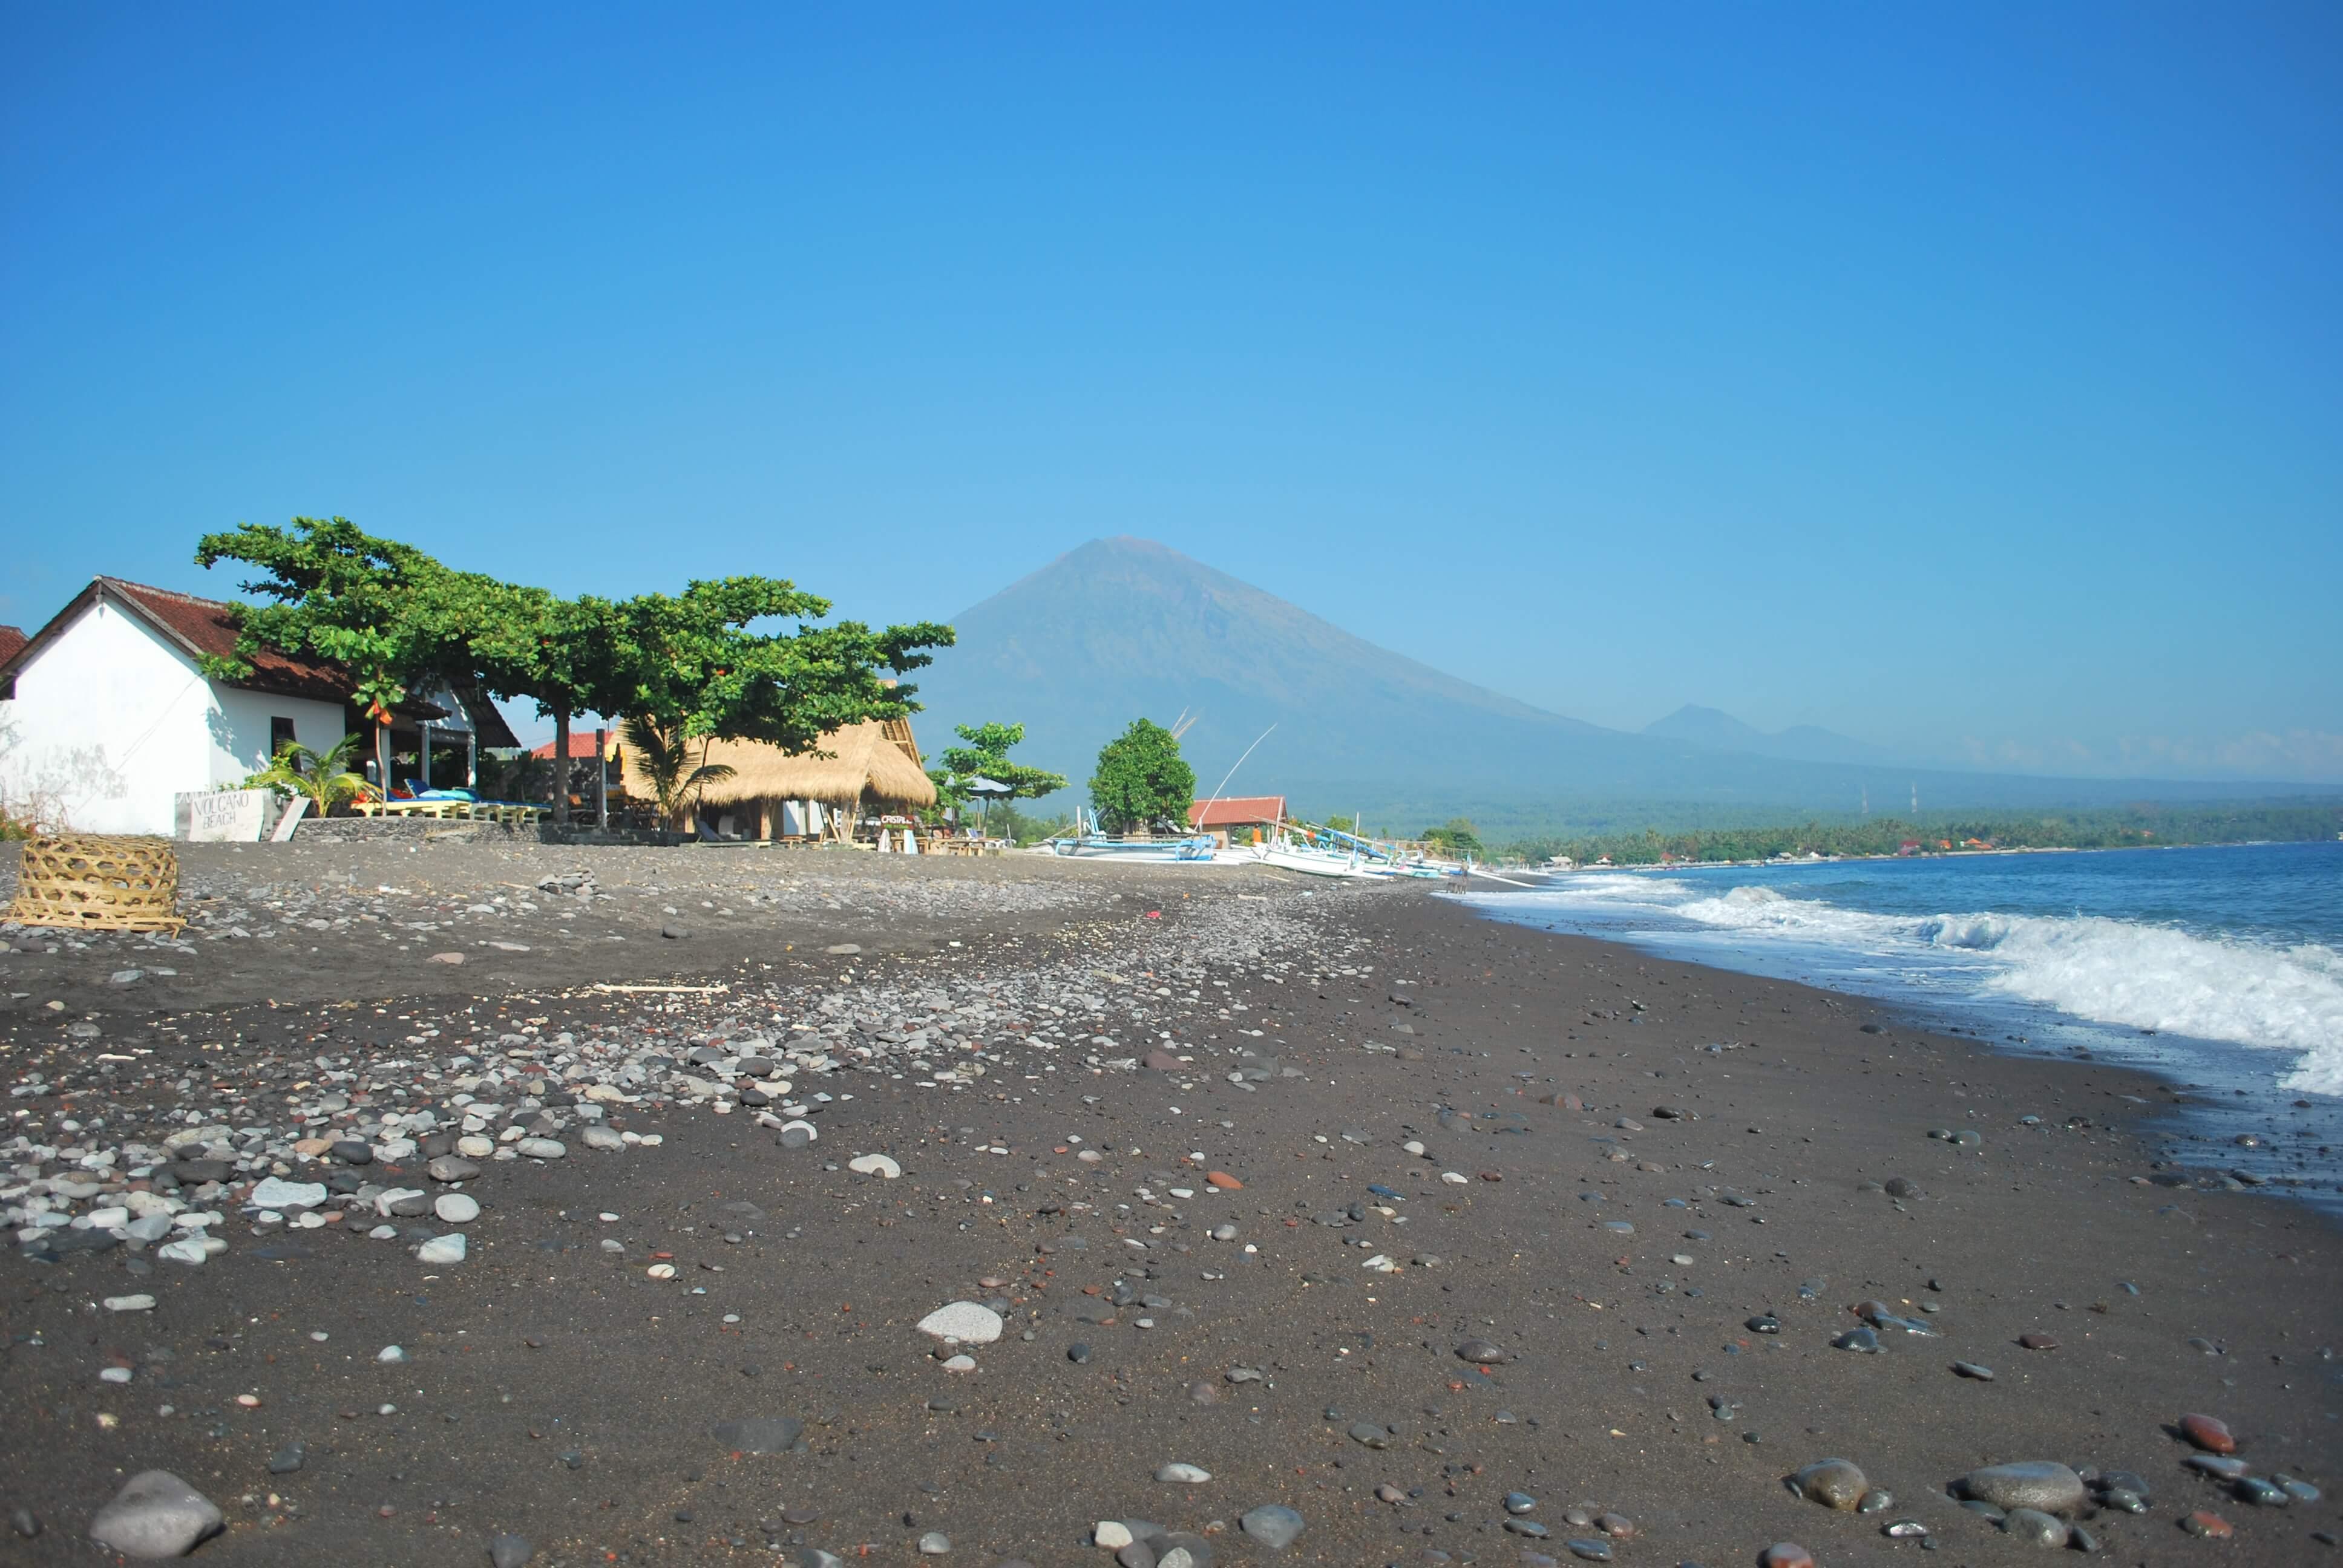 Motorbike Bali - Amed beach